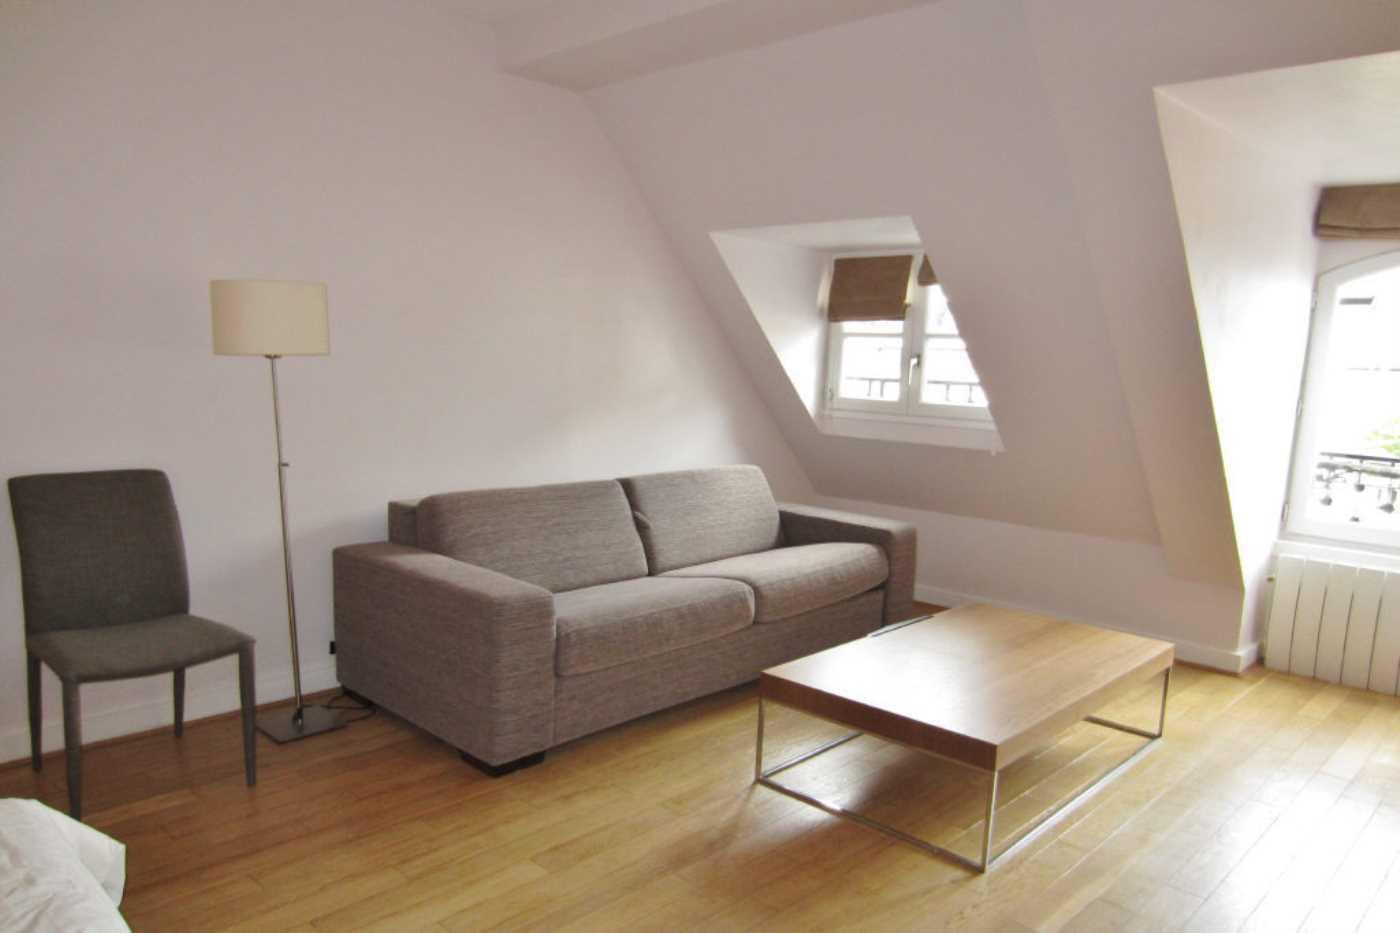 Location Appartement Meublé Paris 8 Cattalan Johnson Immobilier